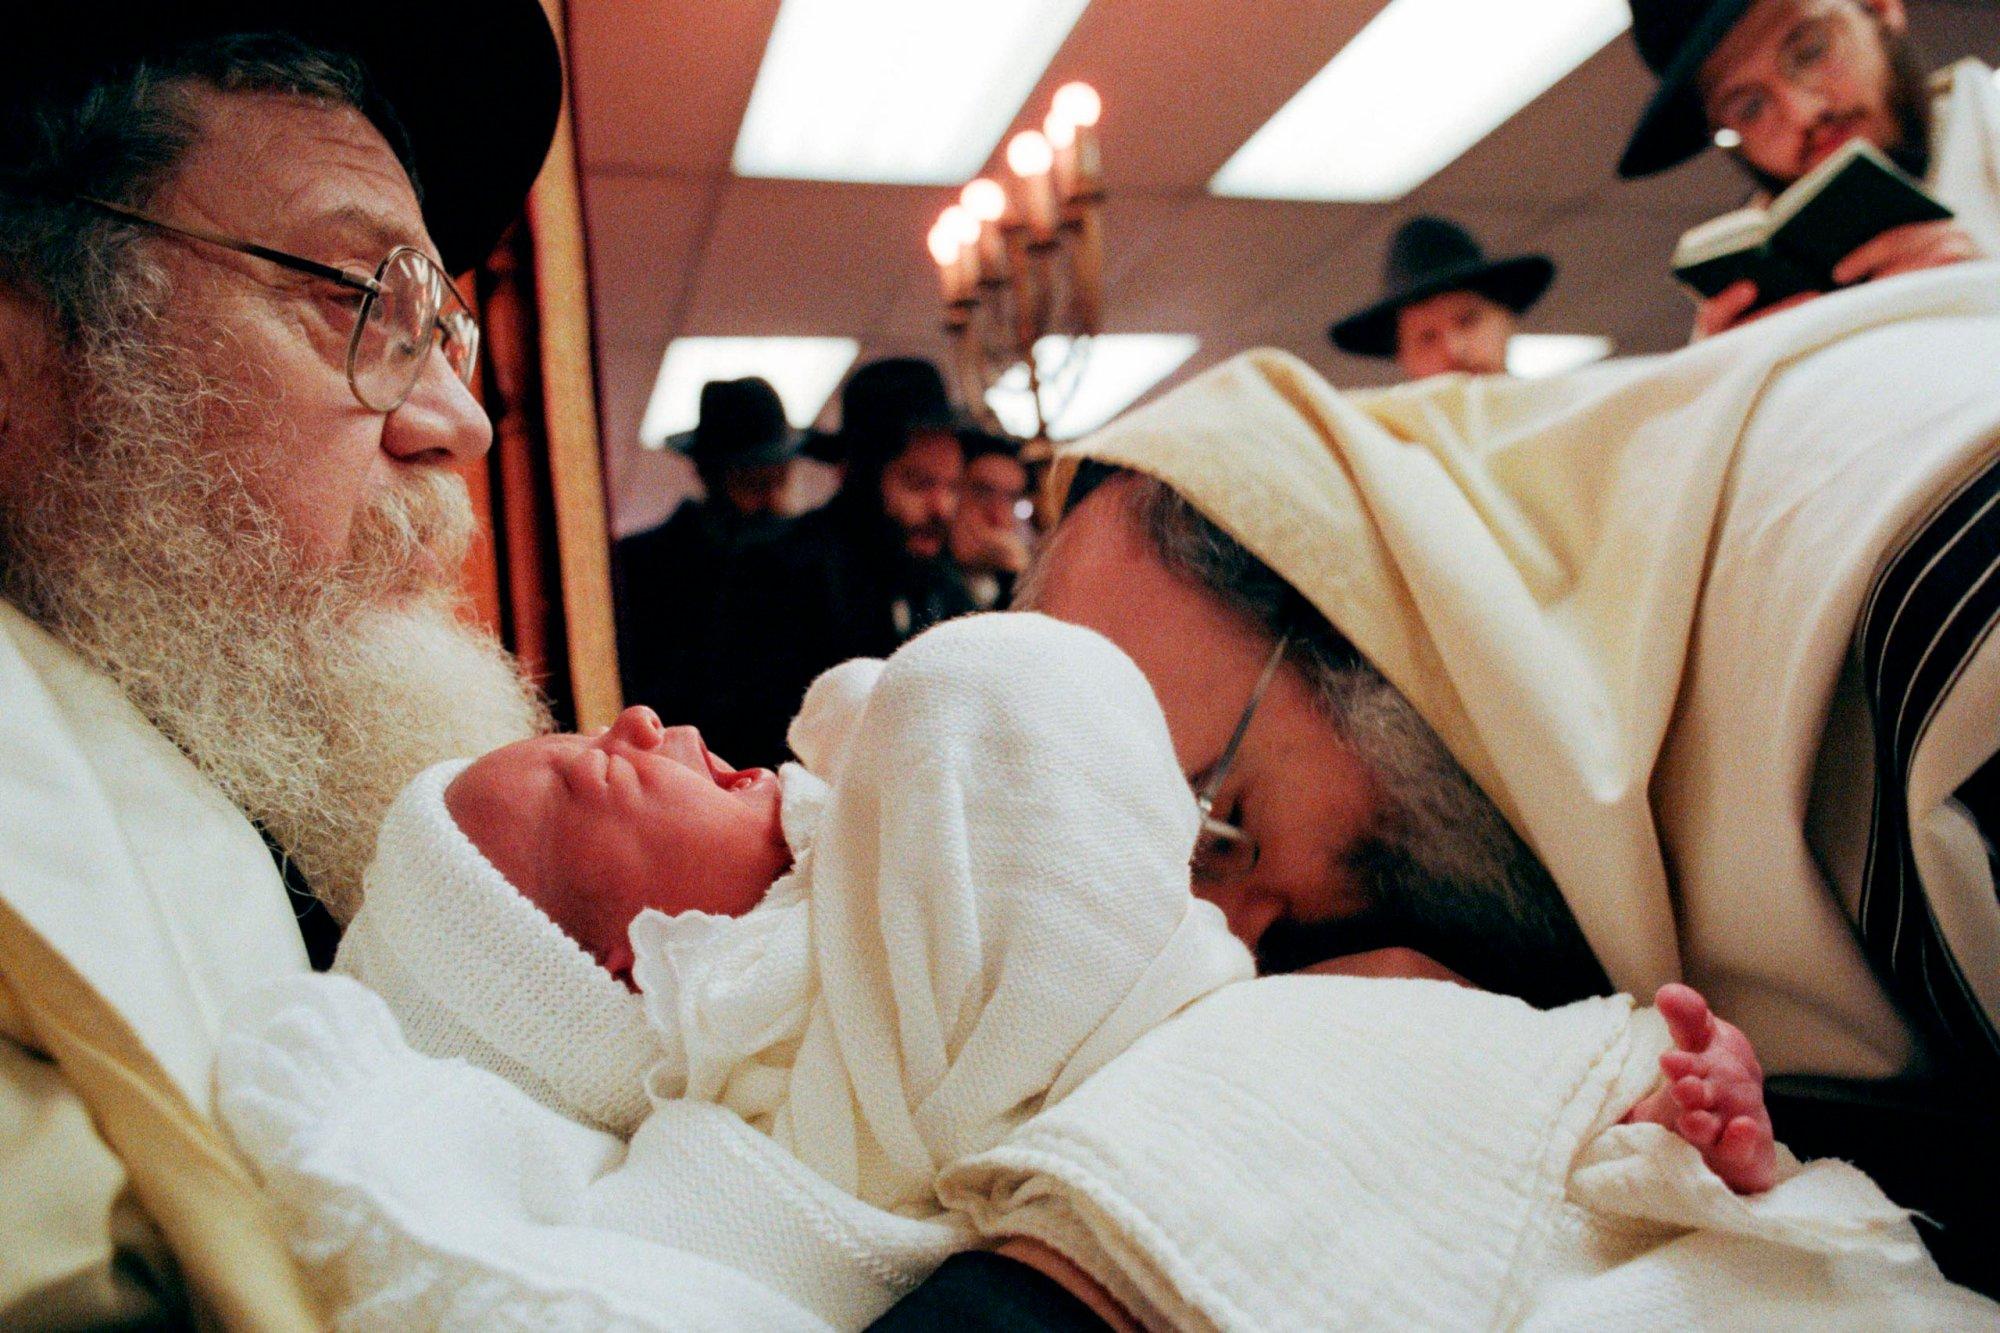 Jewish Ritual Sacrifice   1406641986927.cached